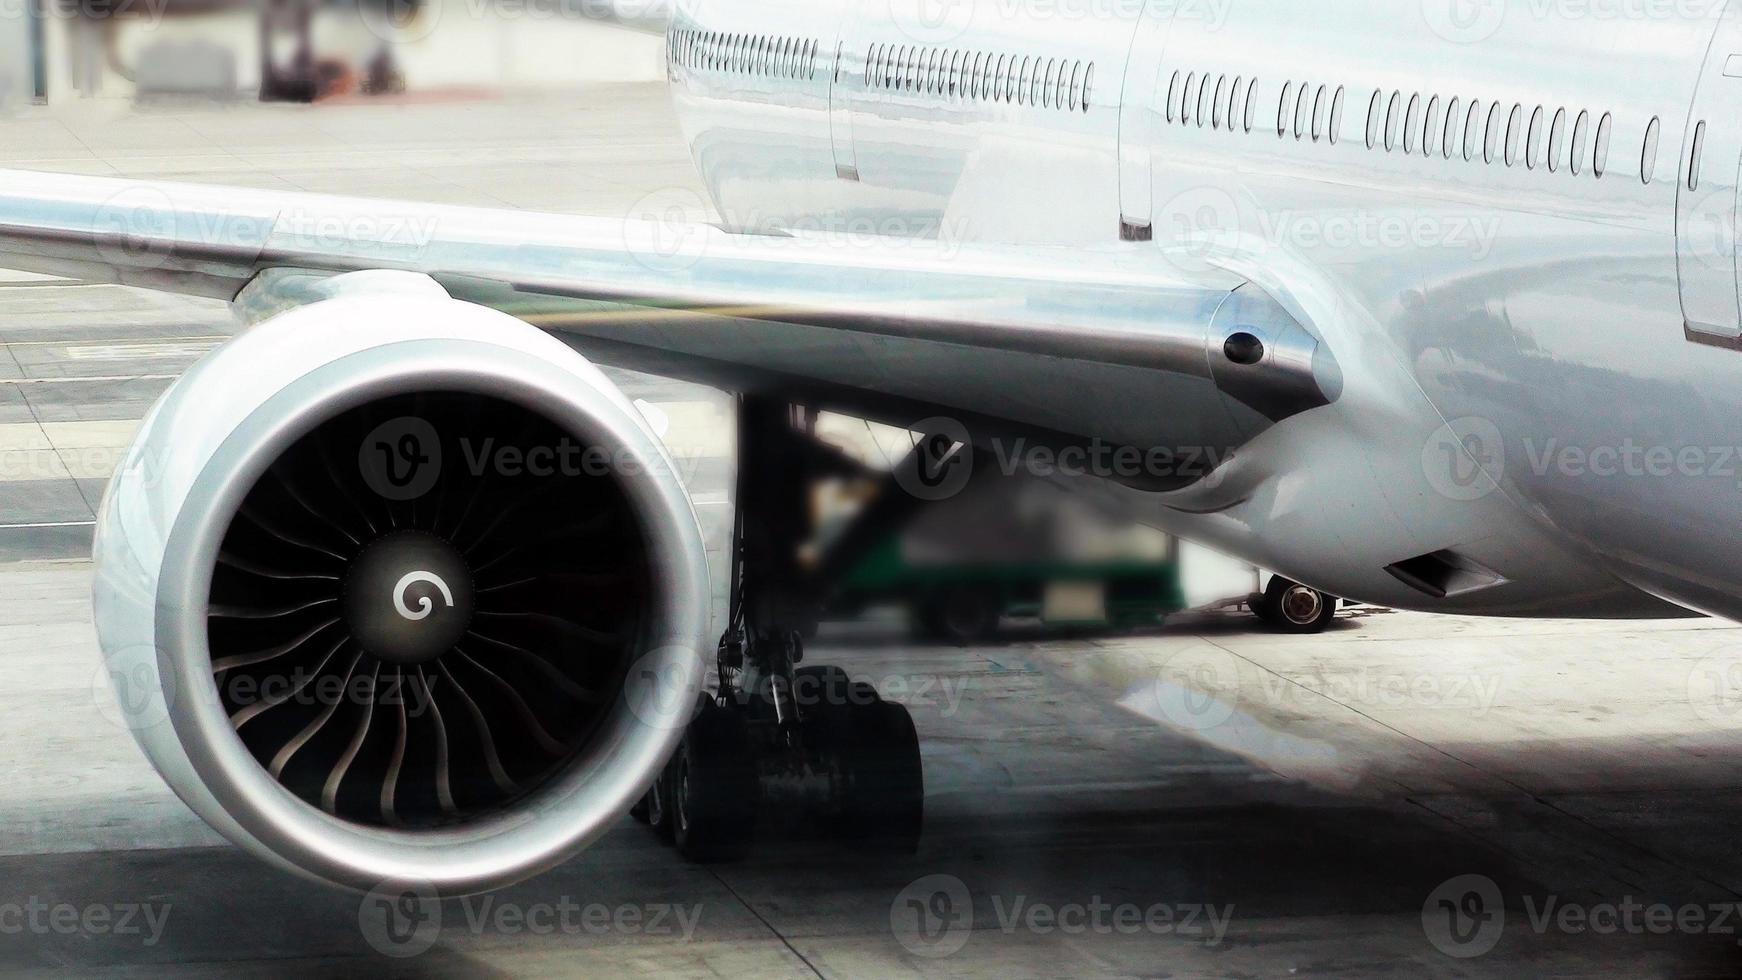 regardant très gros moteur à réaction photo